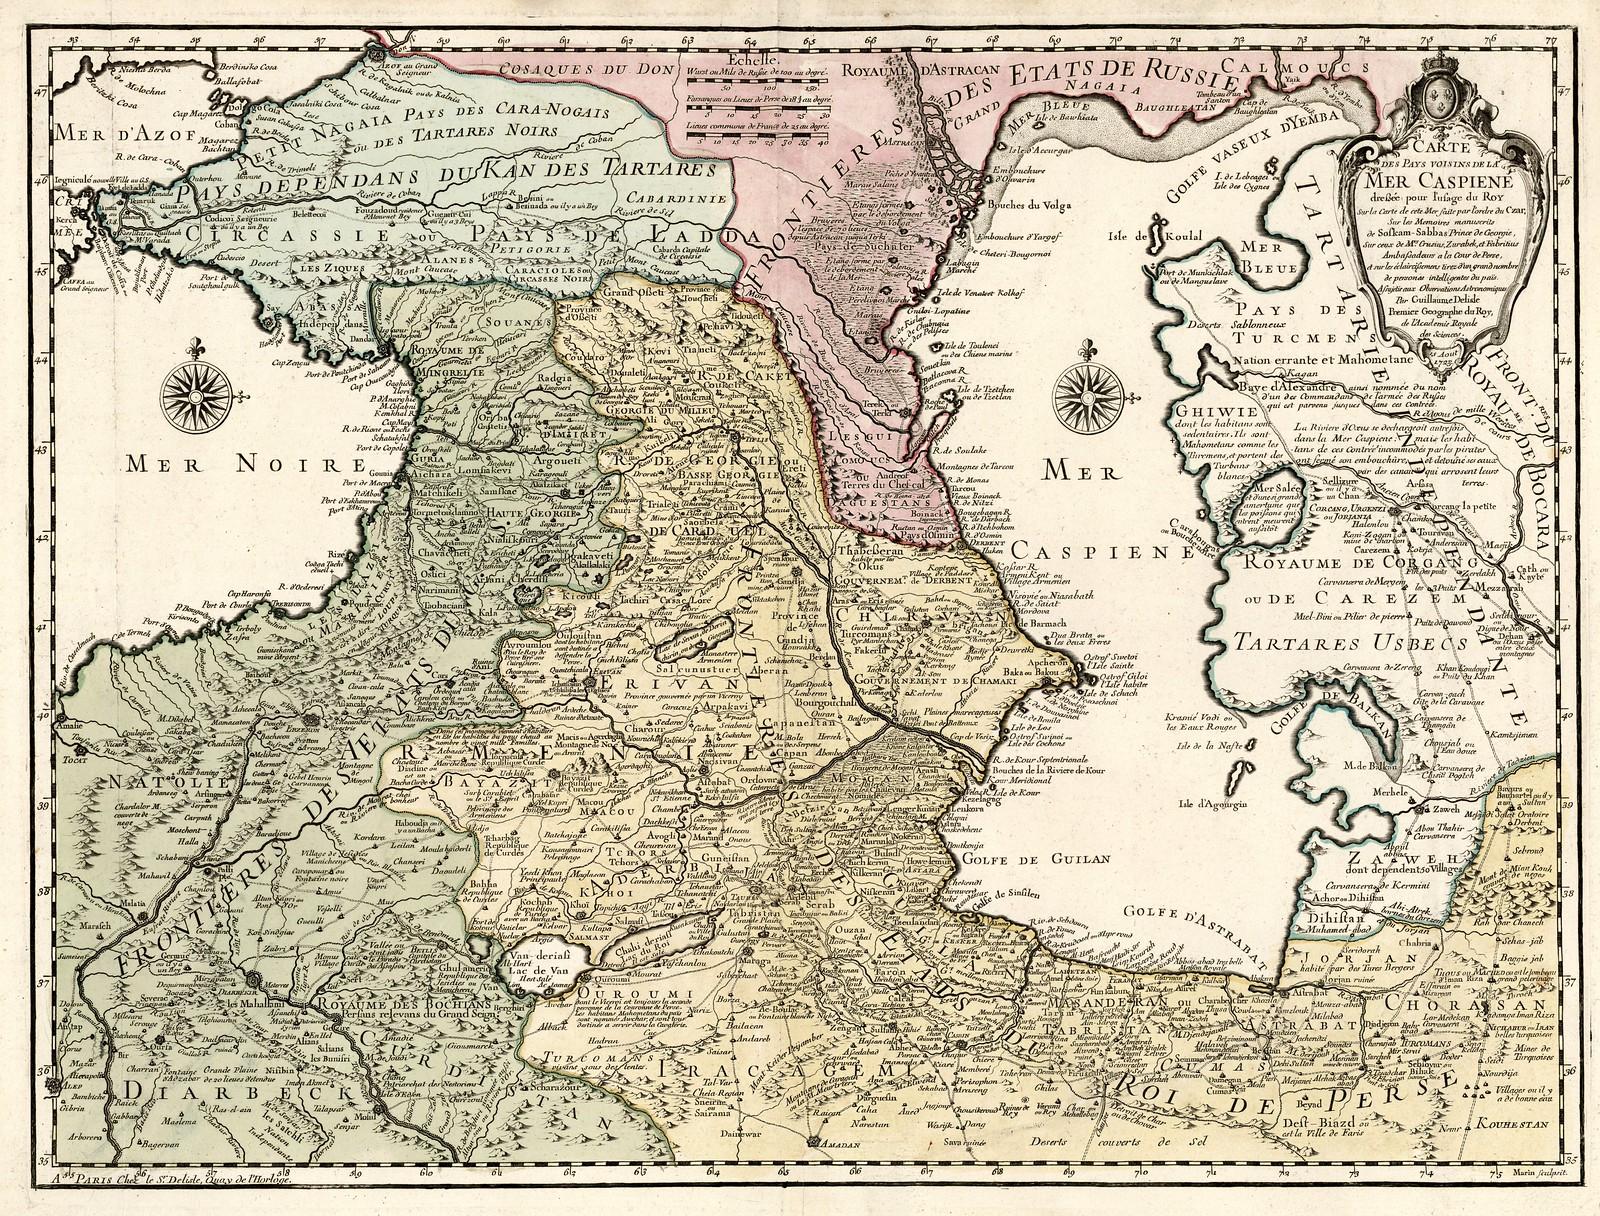 1723. Карта соседних стран Каспийского моря, Гийом л'Иль, Париж.